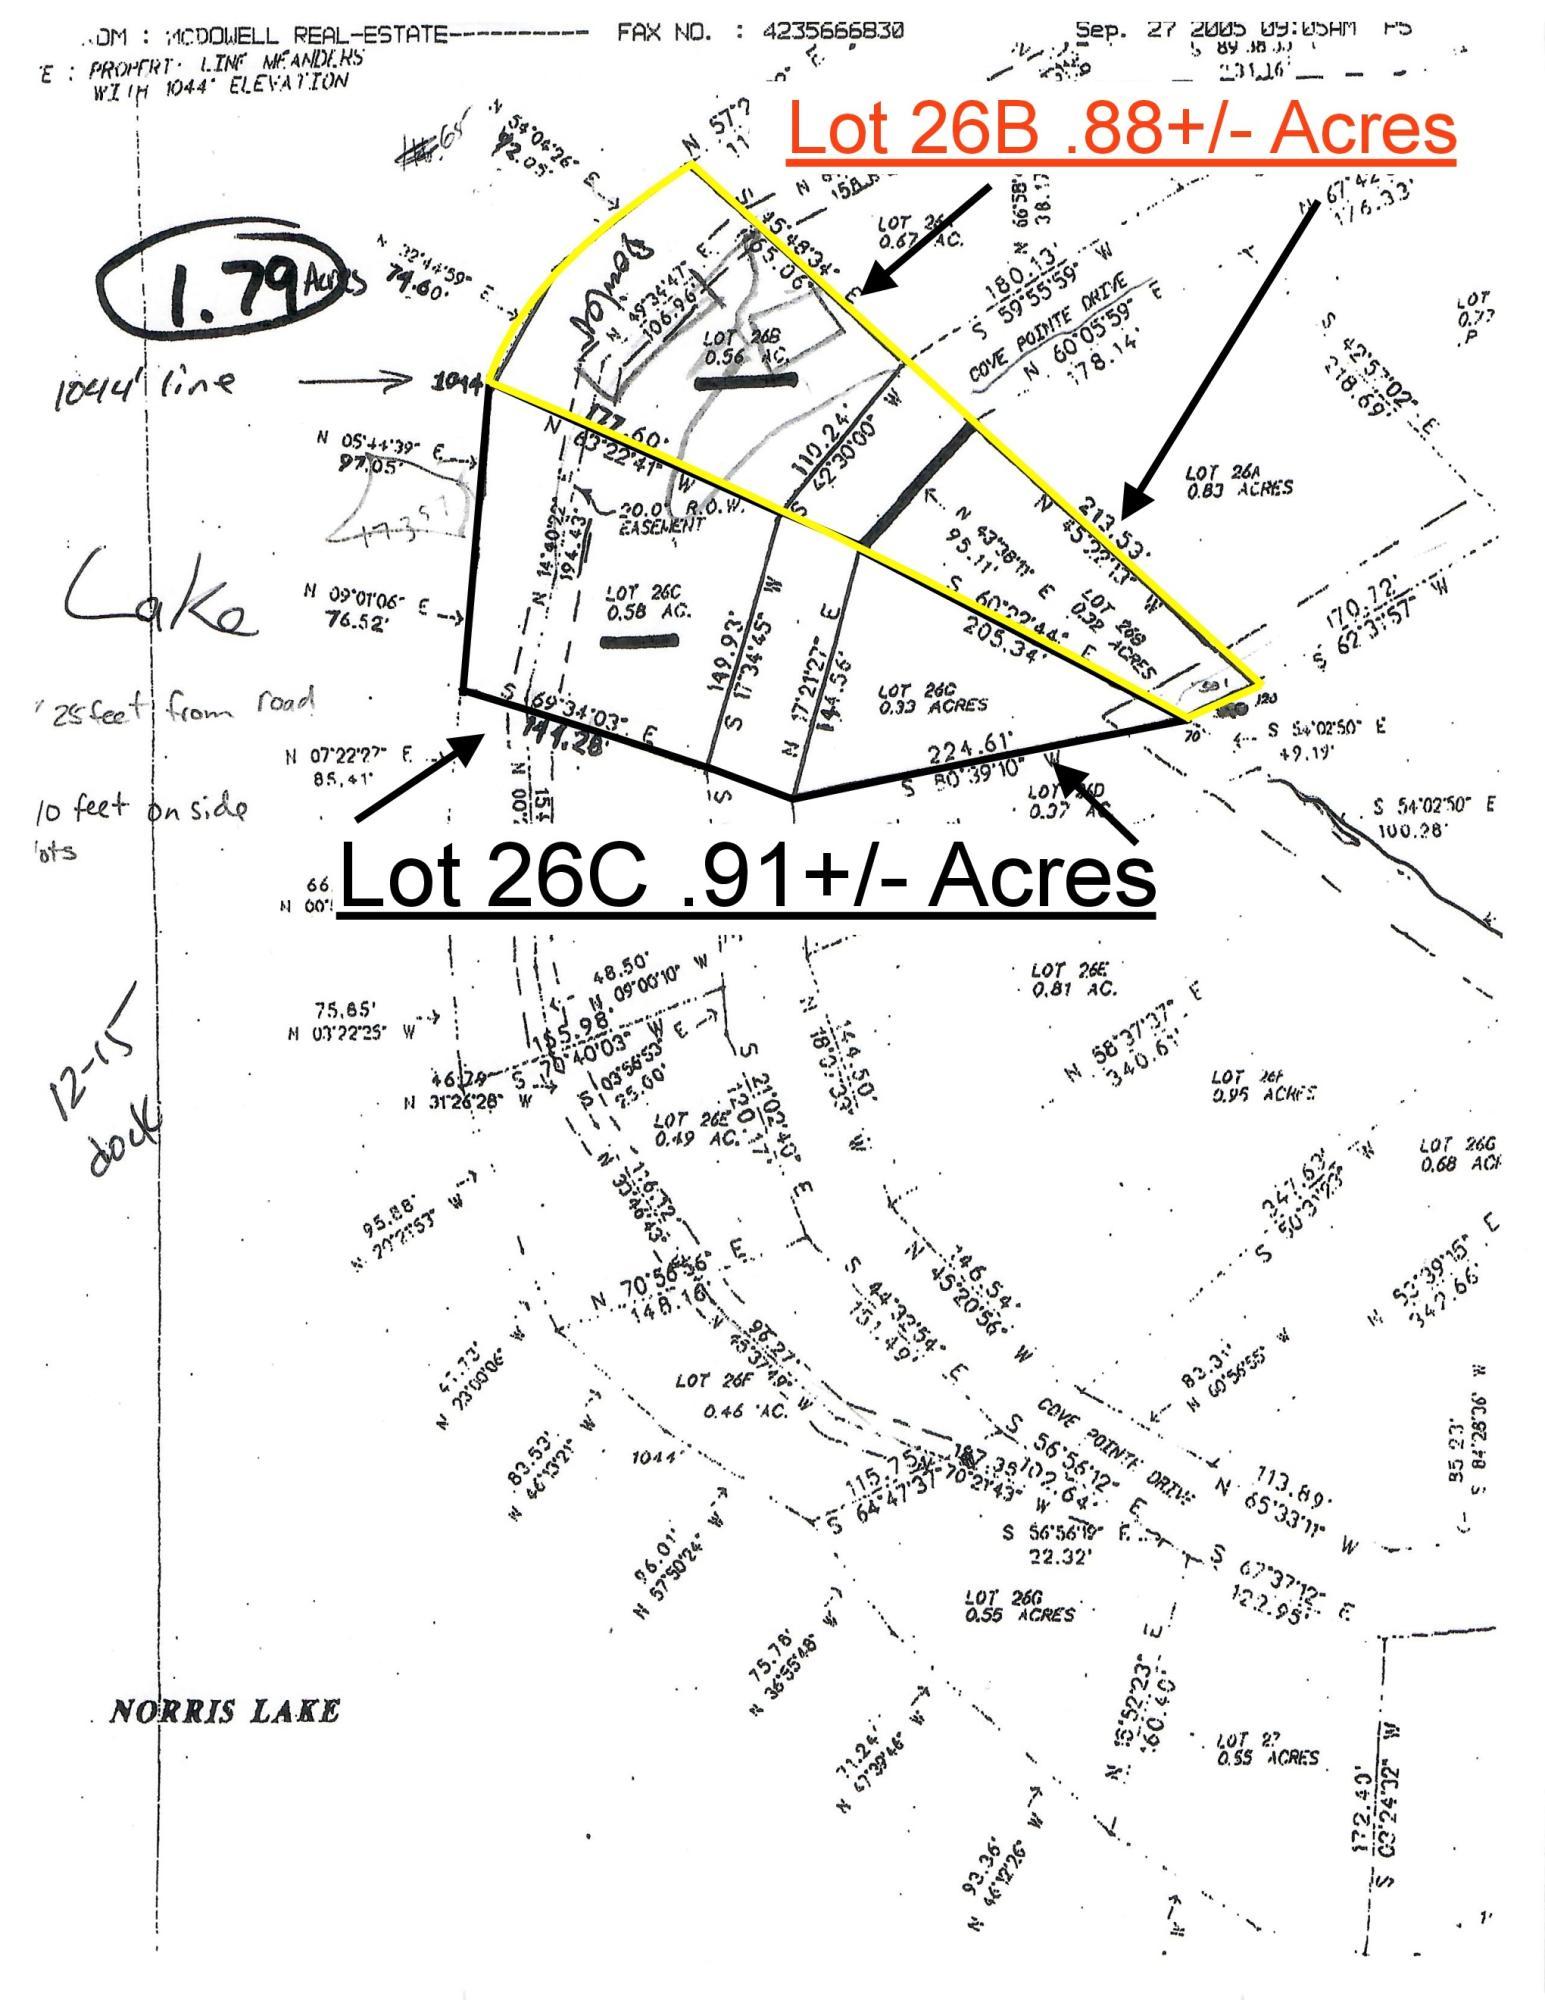 1742 Cove Pointe Rd: